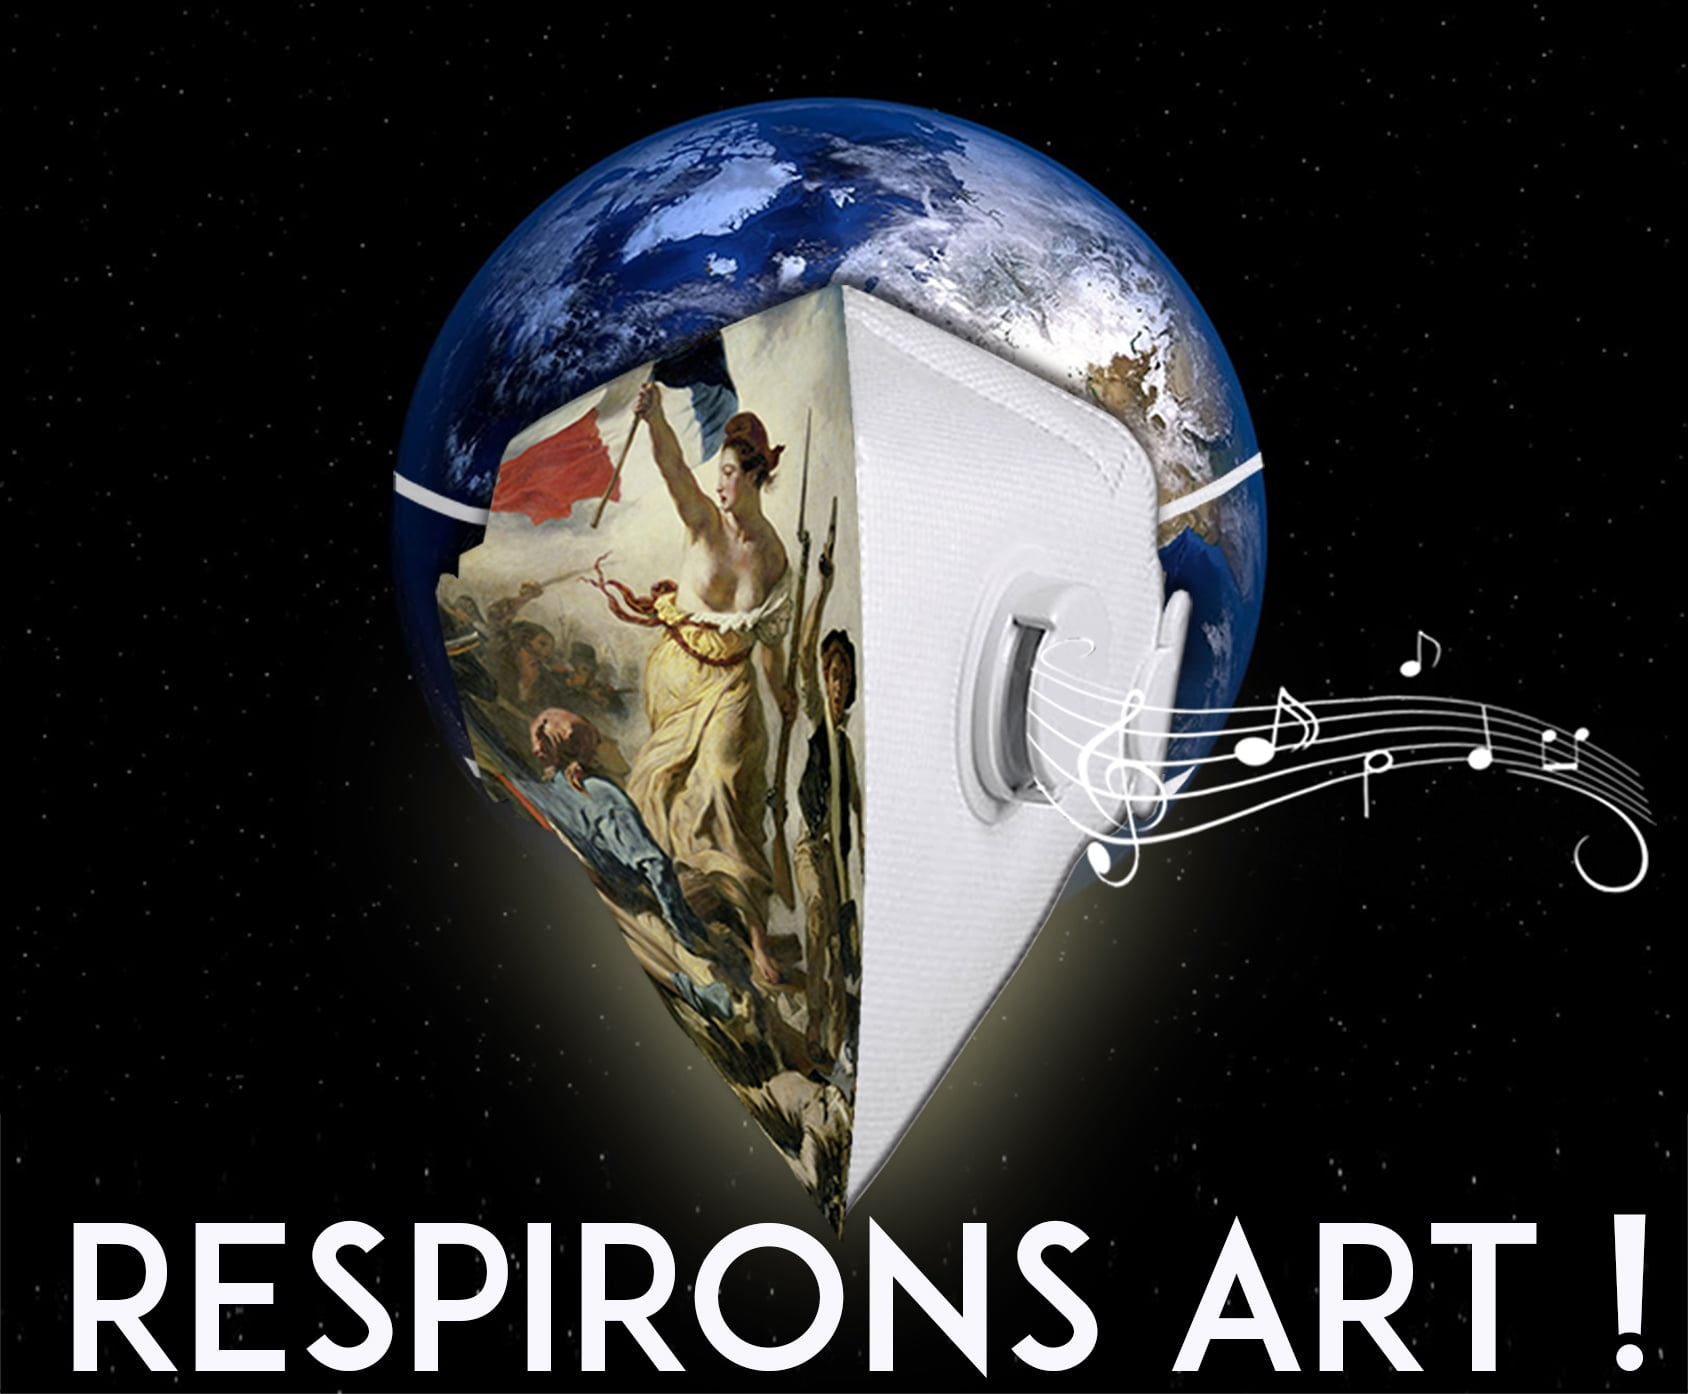 Respirons art Galerie 21 2020